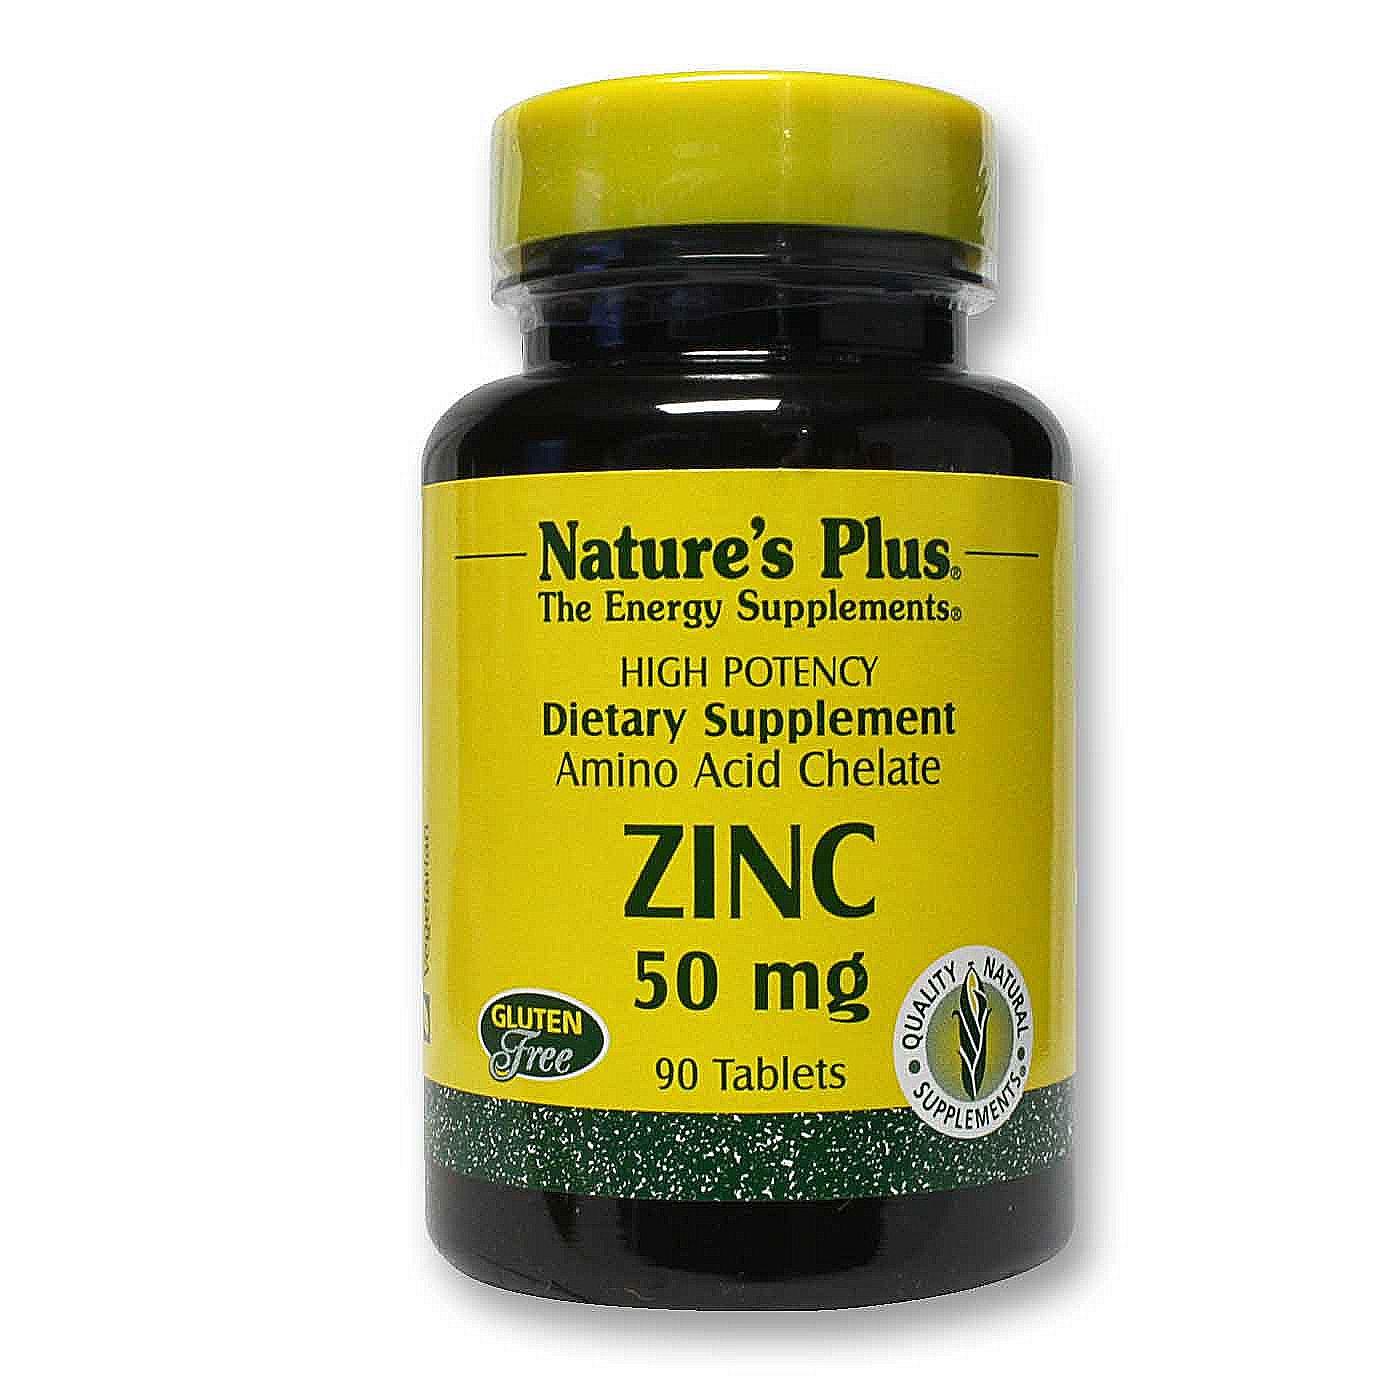 Nature's Plus Zinc 50 mg - 90 Tablets - eVitamins.com